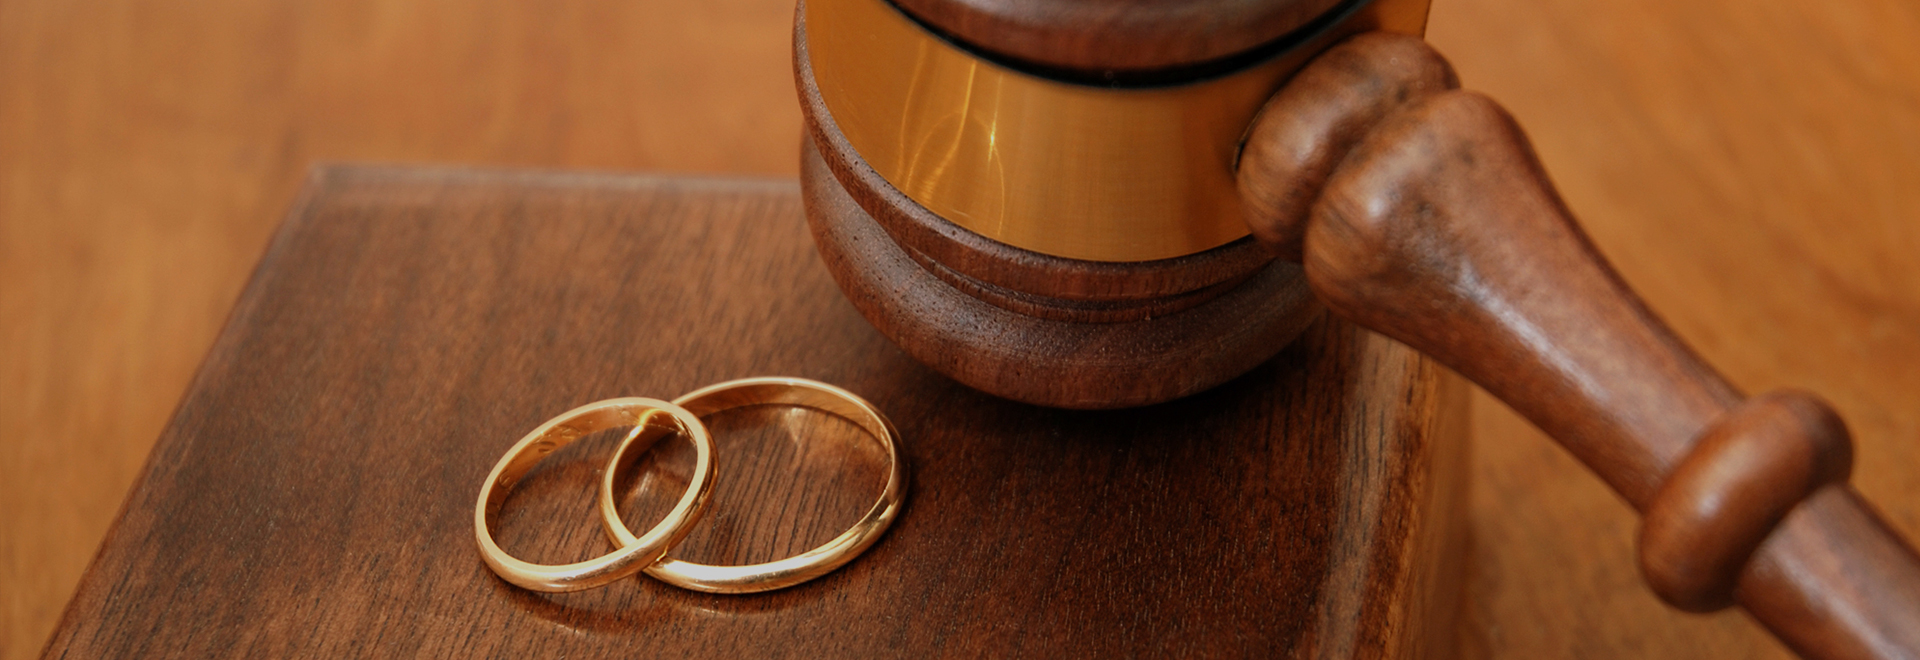 юрист по разводам в Нижнем Новгороде